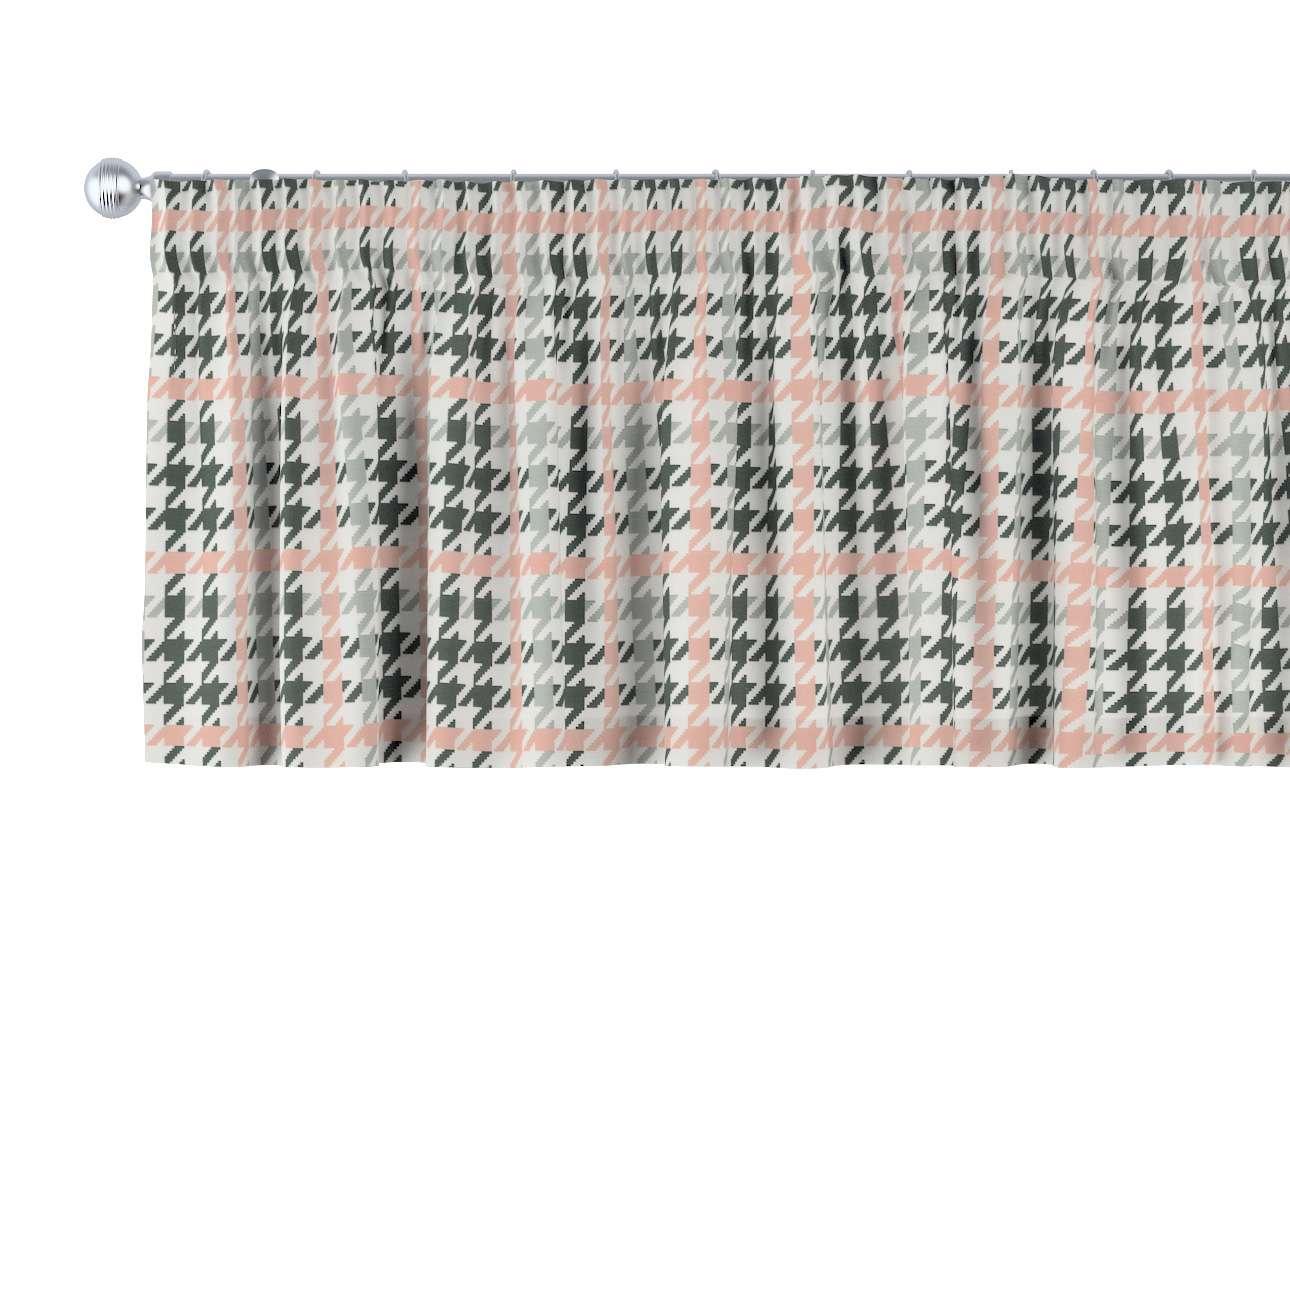 Lambrekin na taśmie marszczącej w kolekcji Wyprzedaż do -50%, tkanina: 137-75